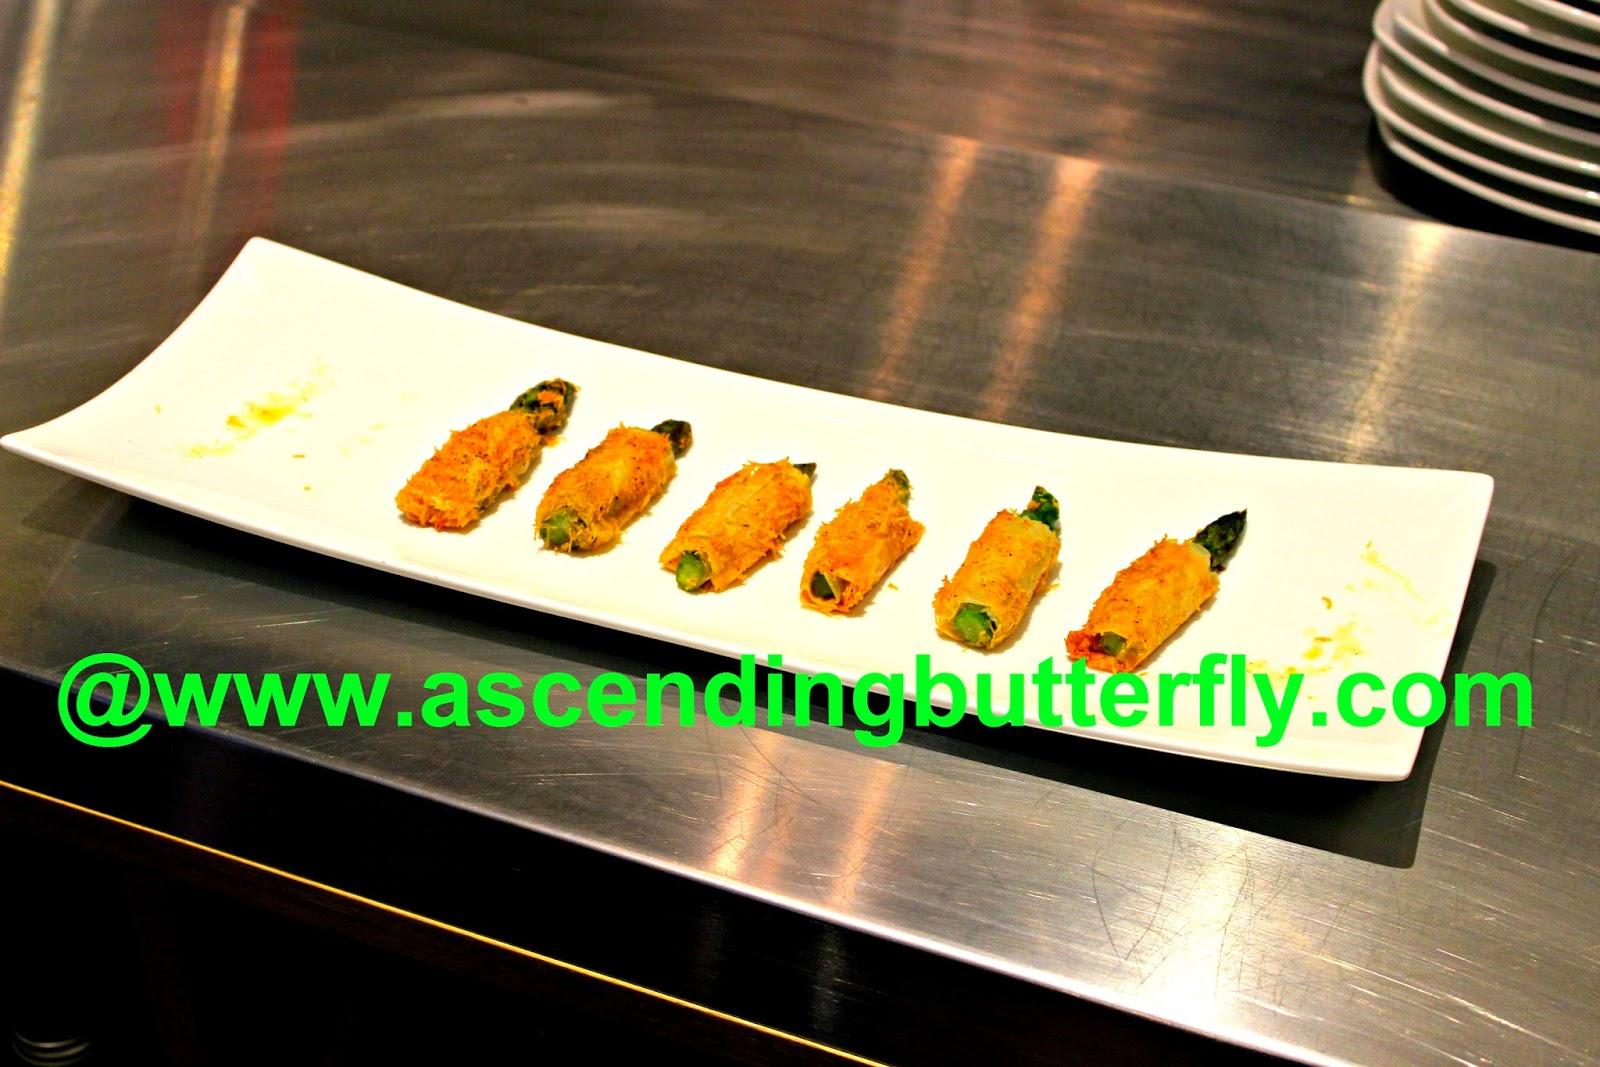 Plated Babeth's Feast Crispy Asiago Asparagus appetizer